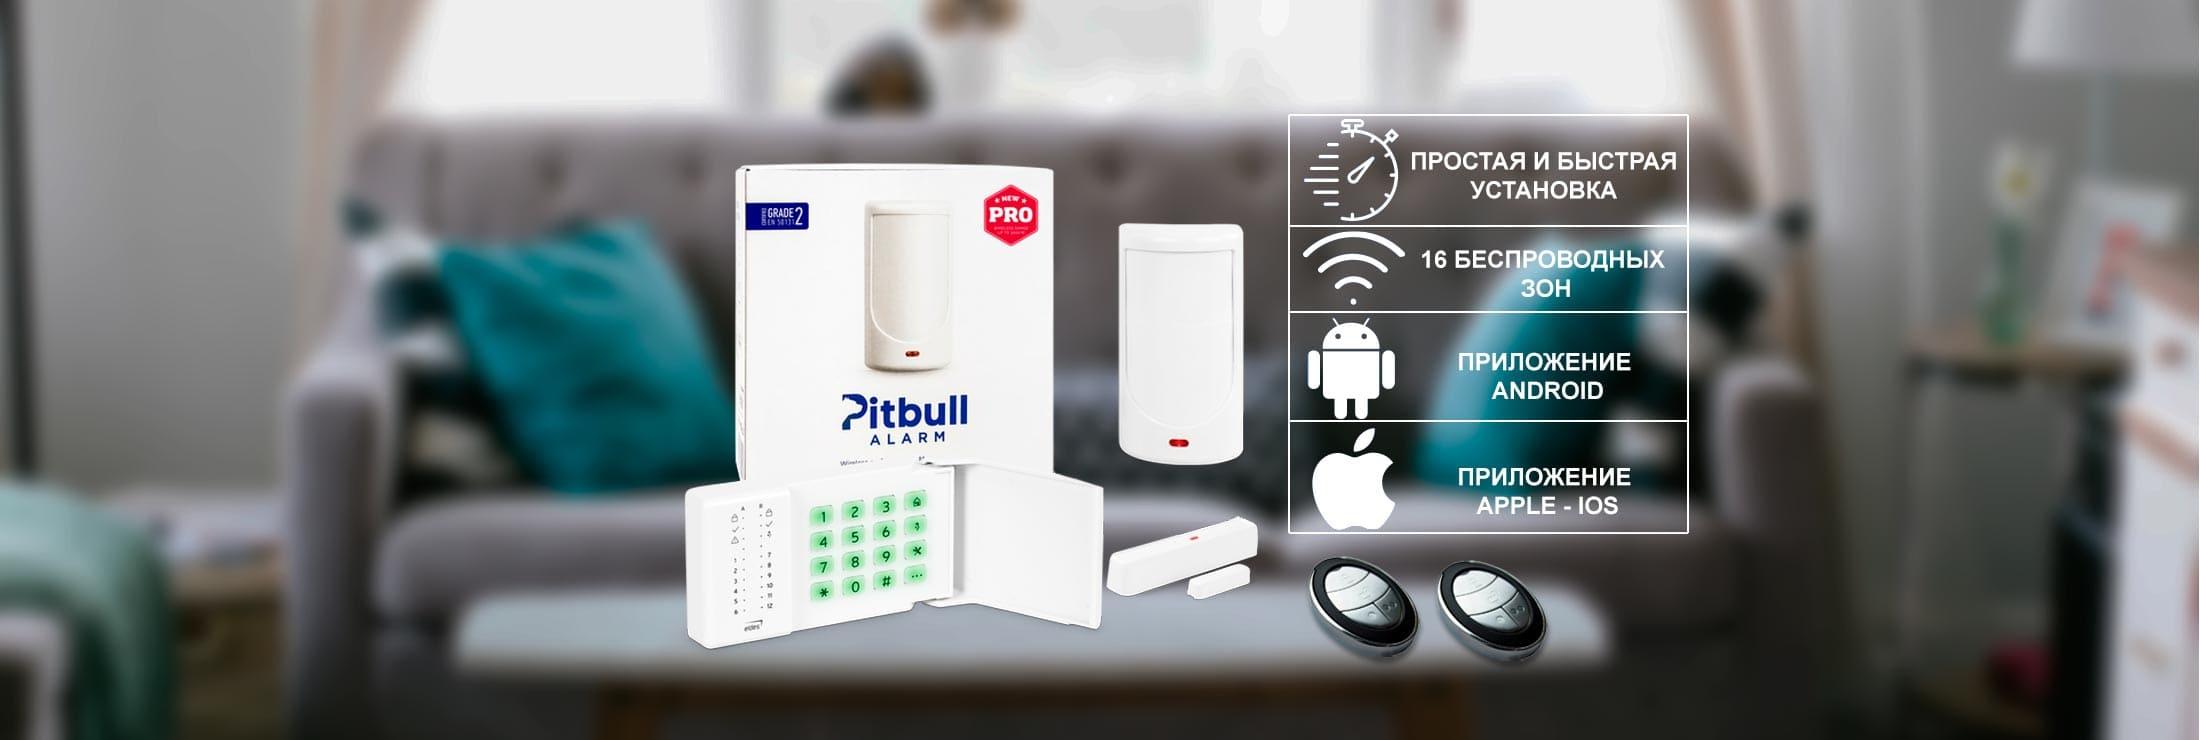 Комплект профессиональной беспроводной GSM охранной сигнализации ELDES Pitbull Alarm Pro